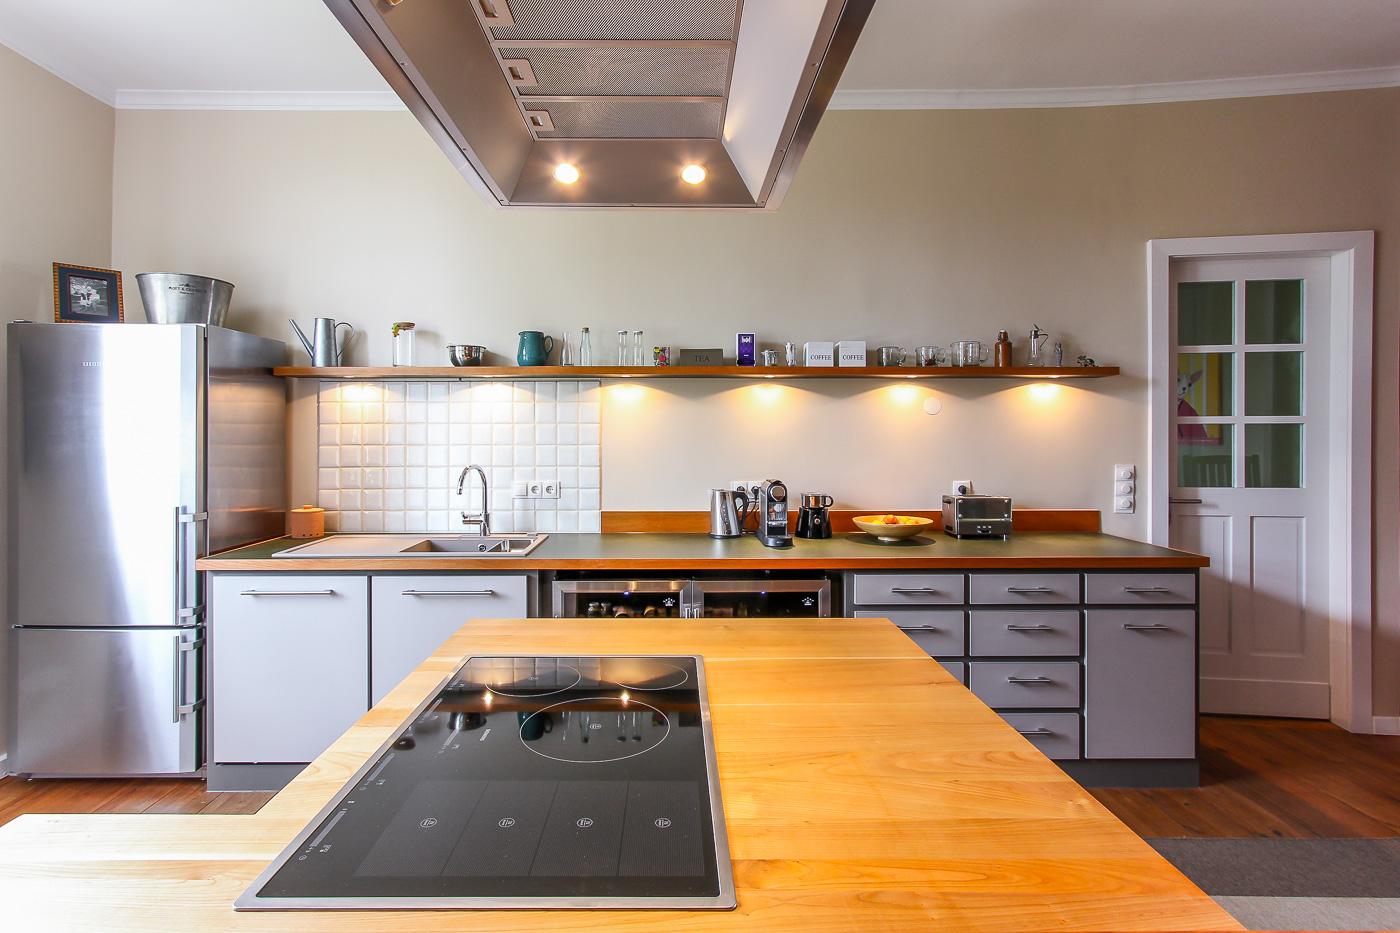 Umgestaltung einer bestehenden Küche | jan martin nürnberg